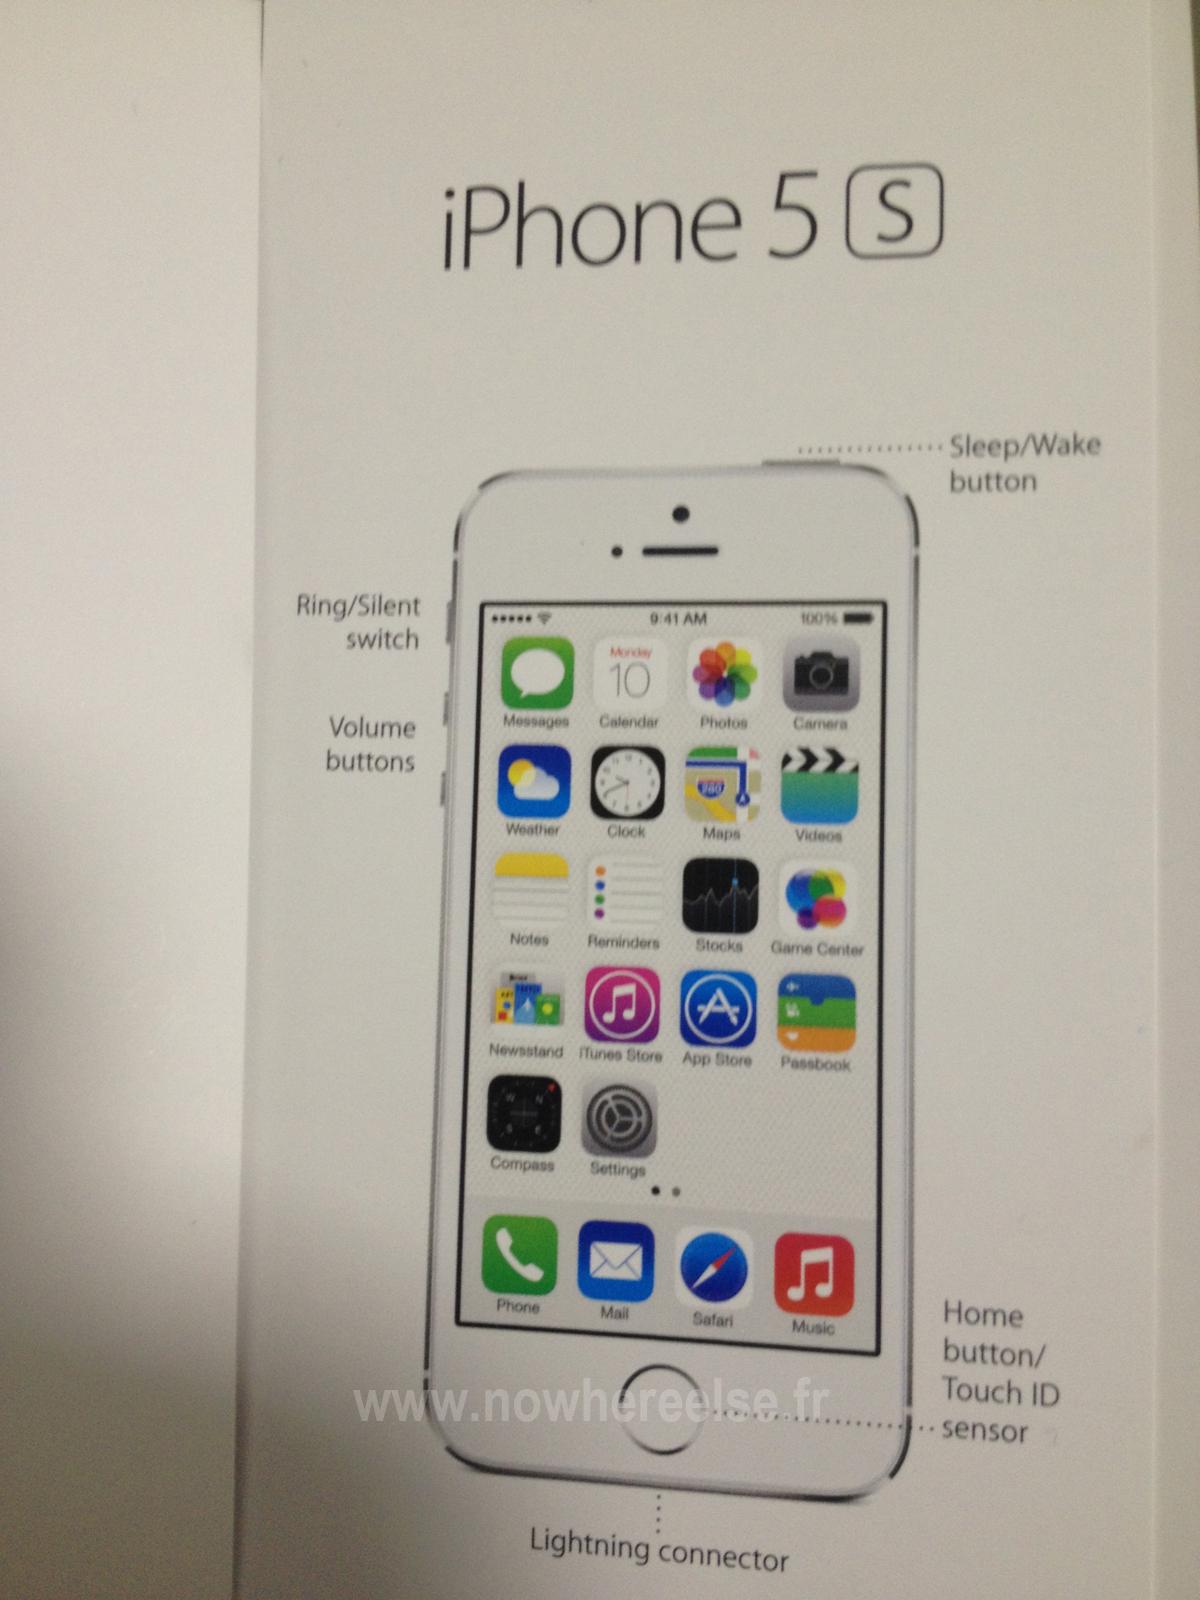 Manuel-iPhone-5S-1